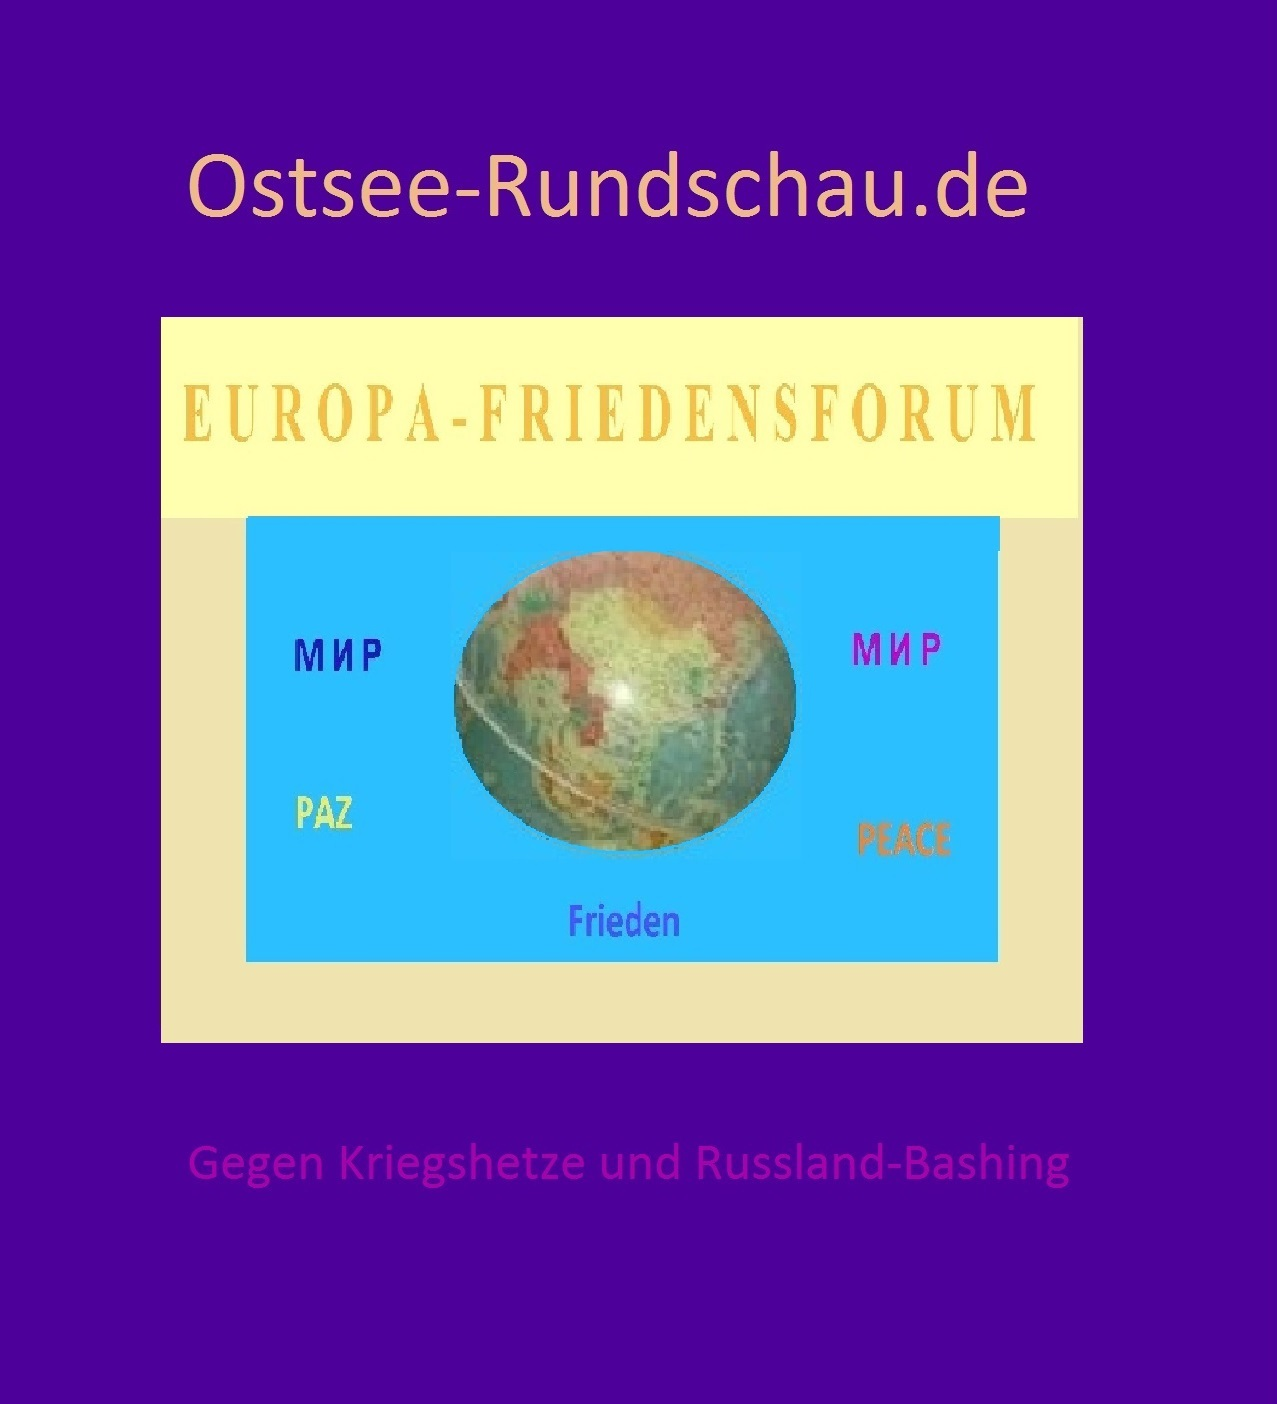 Europa-Friedensforum auf Ostsee-Rundschau.de - Gegen Kriegshetze und Russland-Bashing - Frieden mit Russland! - Für Frieden und Völkerverständigung! - Neue Unabhängige Onlinezeitungen (NUOZ)